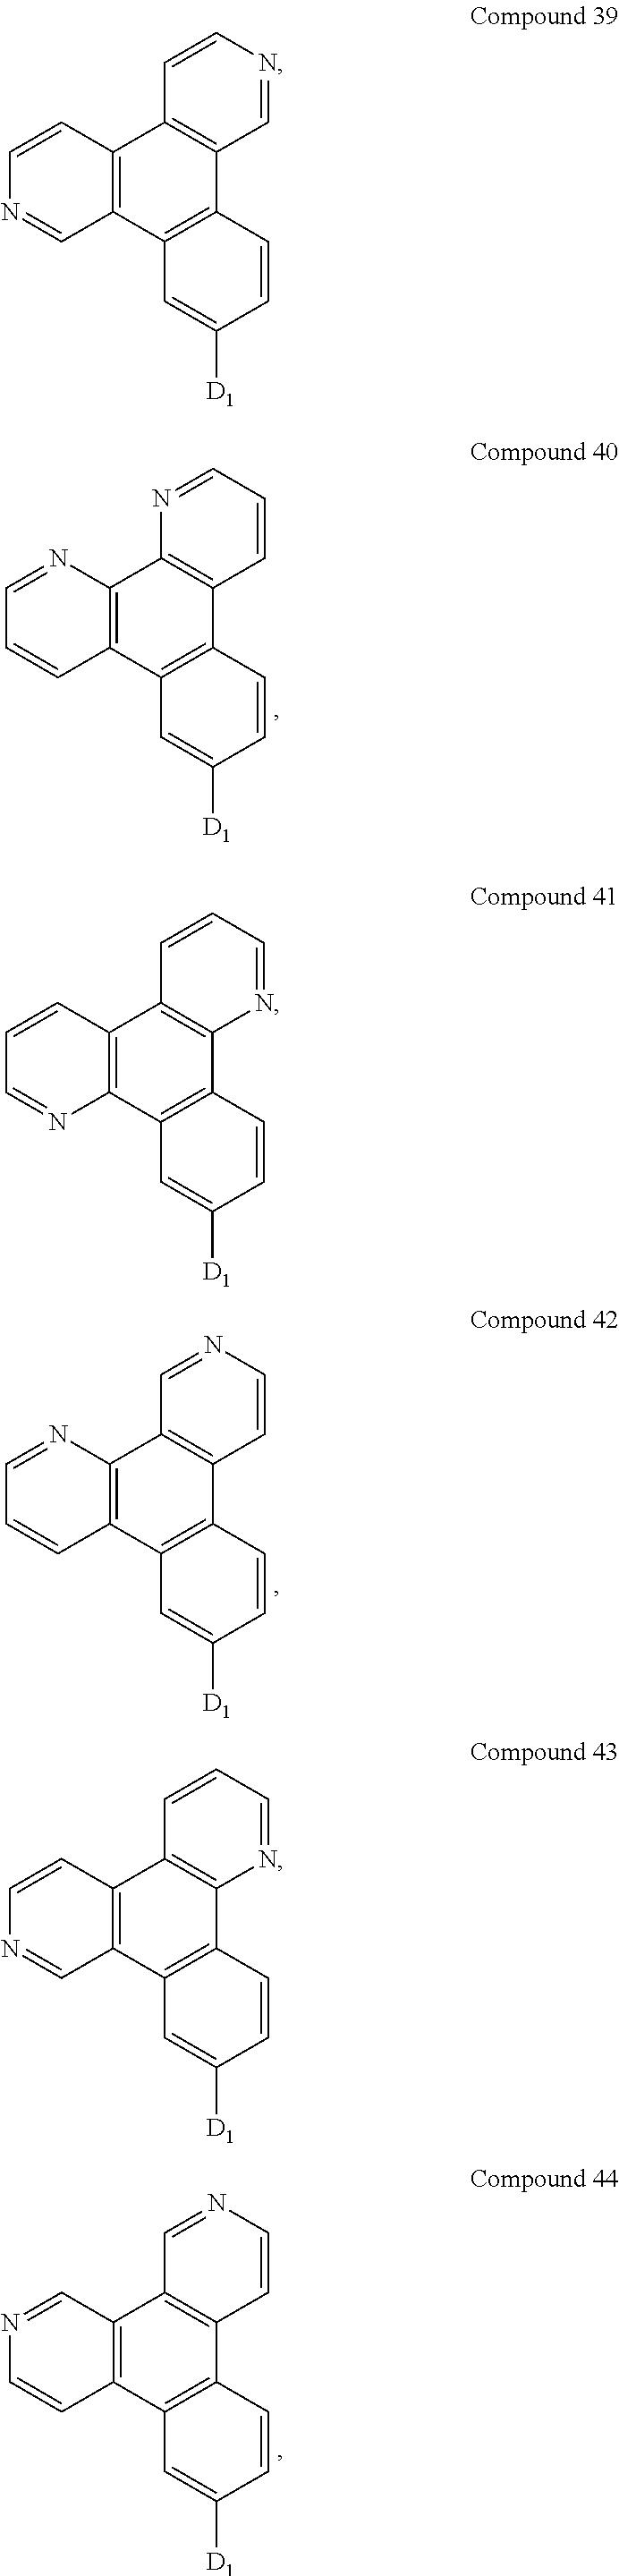 Figure US09537106-20170103-C00168